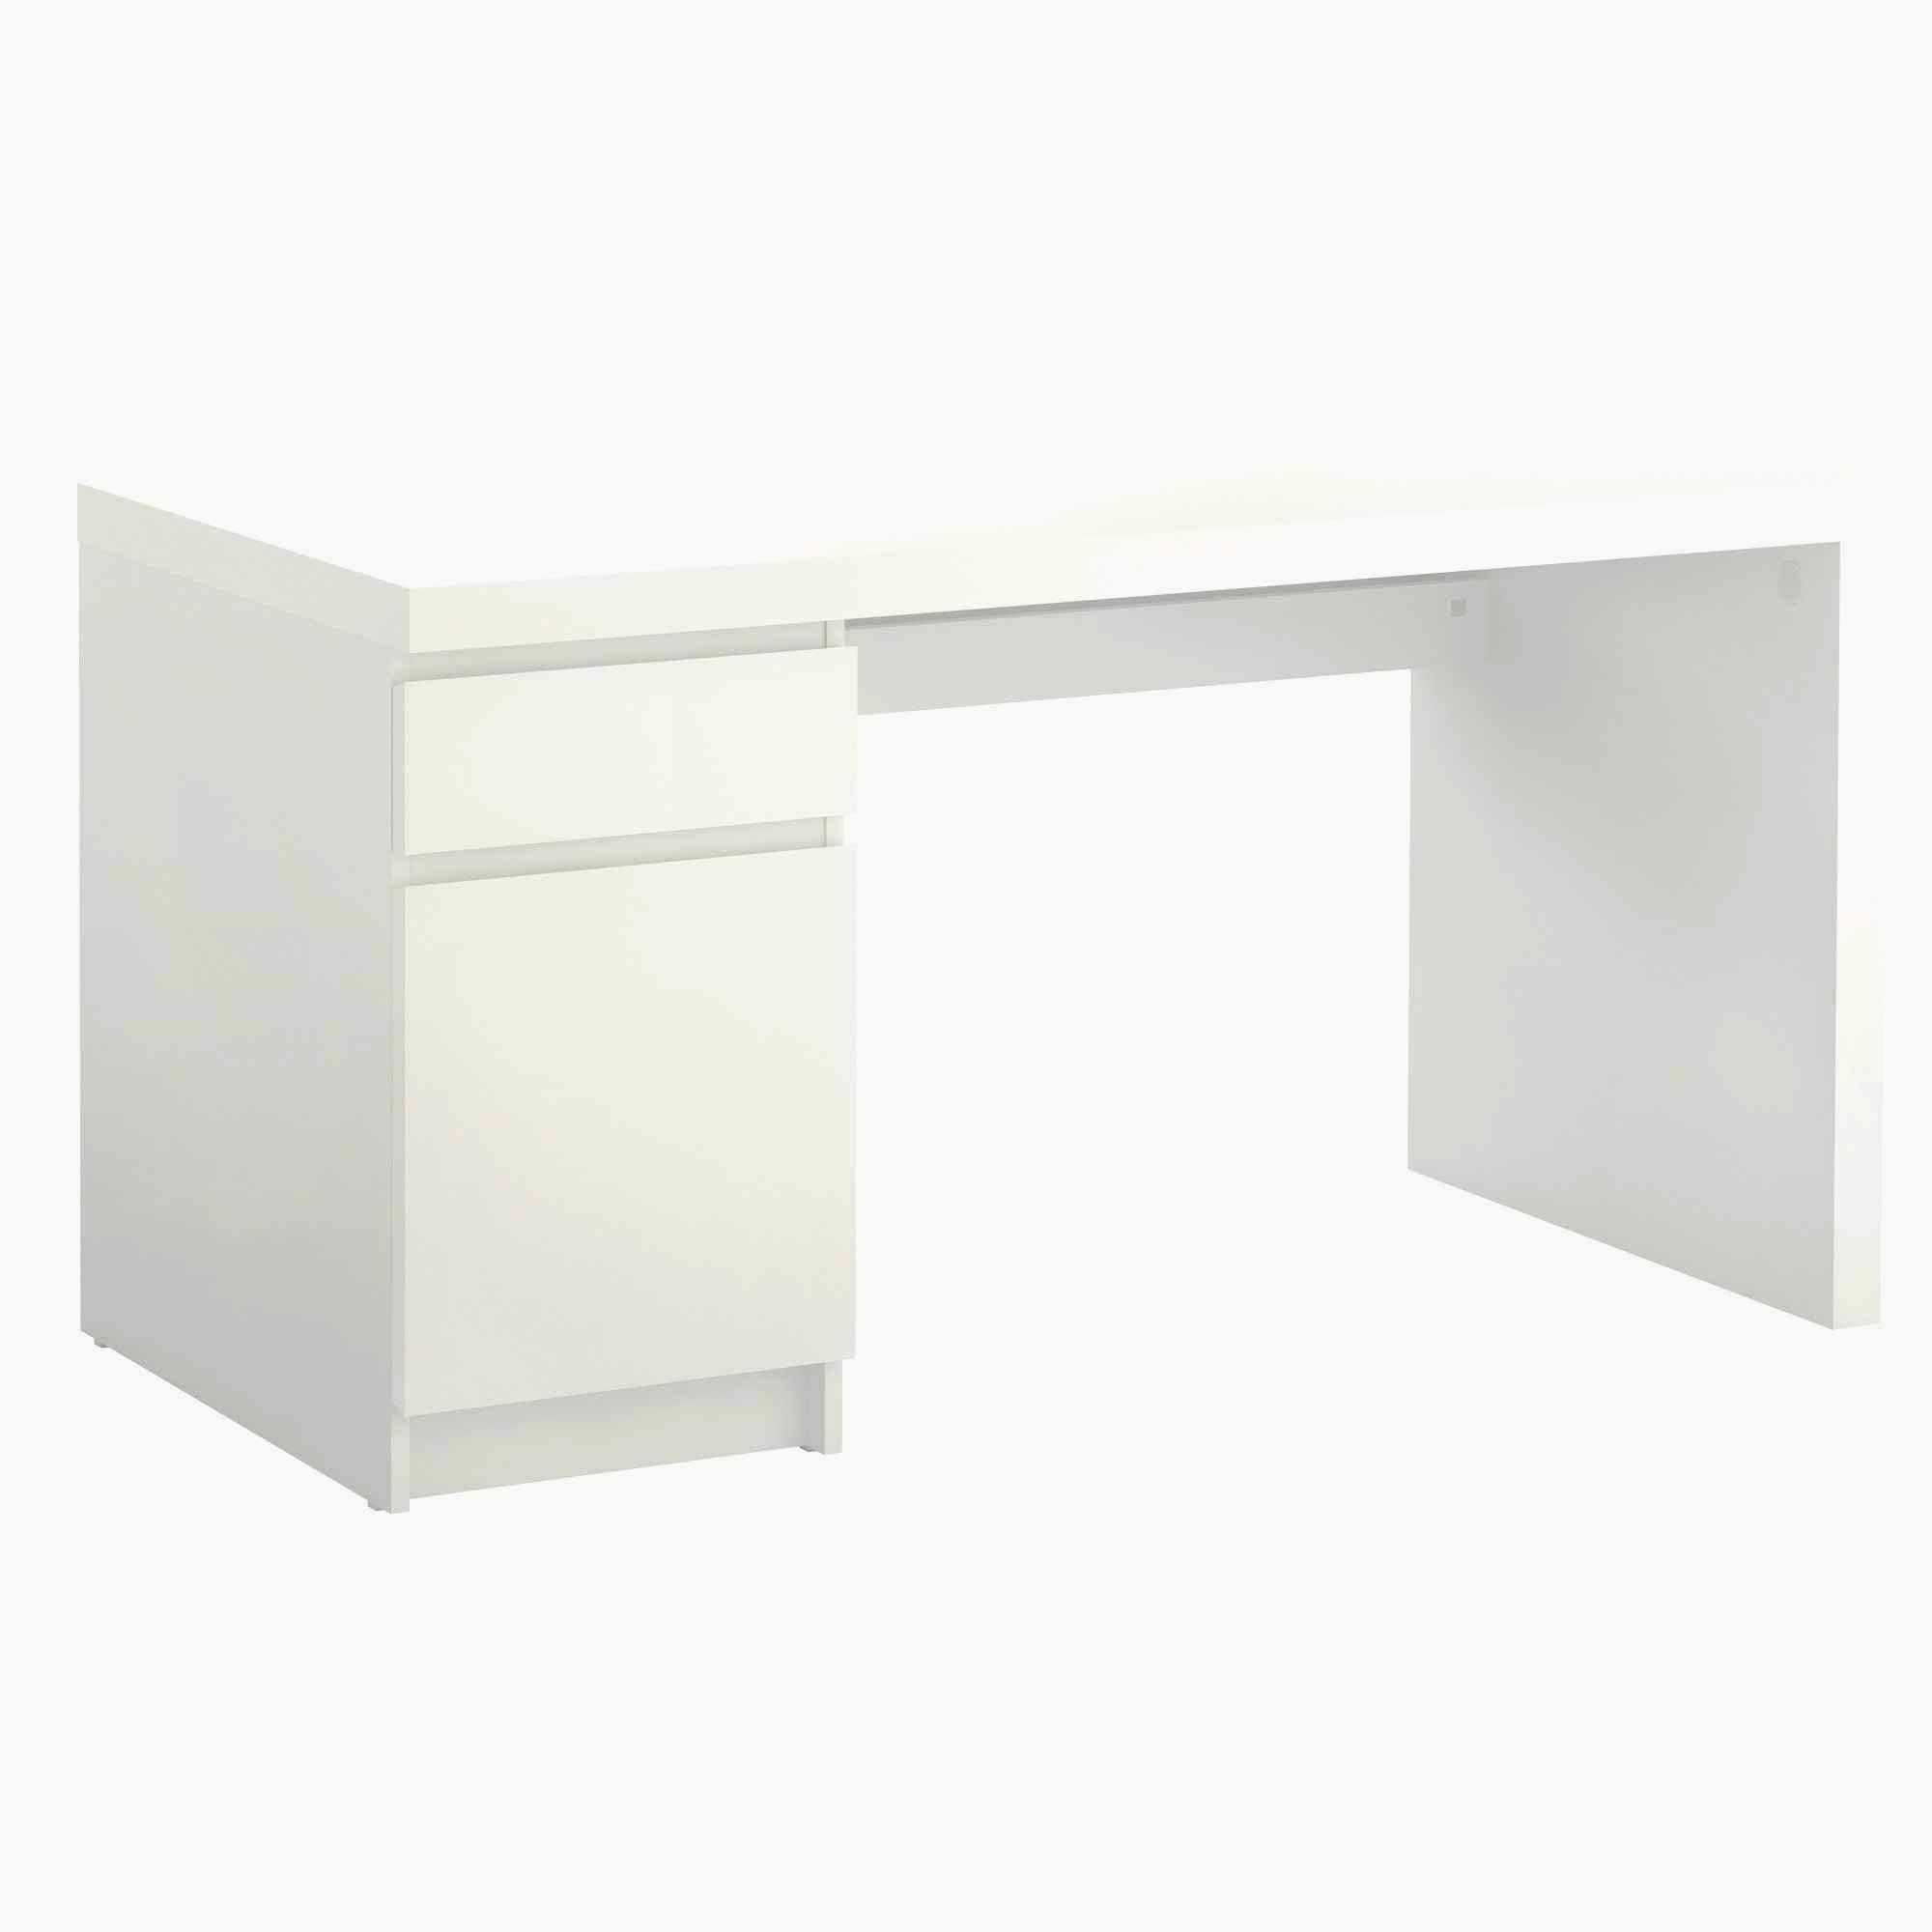 Full Size of Ikea Hängeschrank Hngeschrank Wohnzimmer Reizend Elegant Betten 160x200 Küche Glastüren Bad Weiß Hochglanz Bei Sofa Mit Schlaffunktion Höhe Kosten Wohnzimmer Ikea Hängeschrank